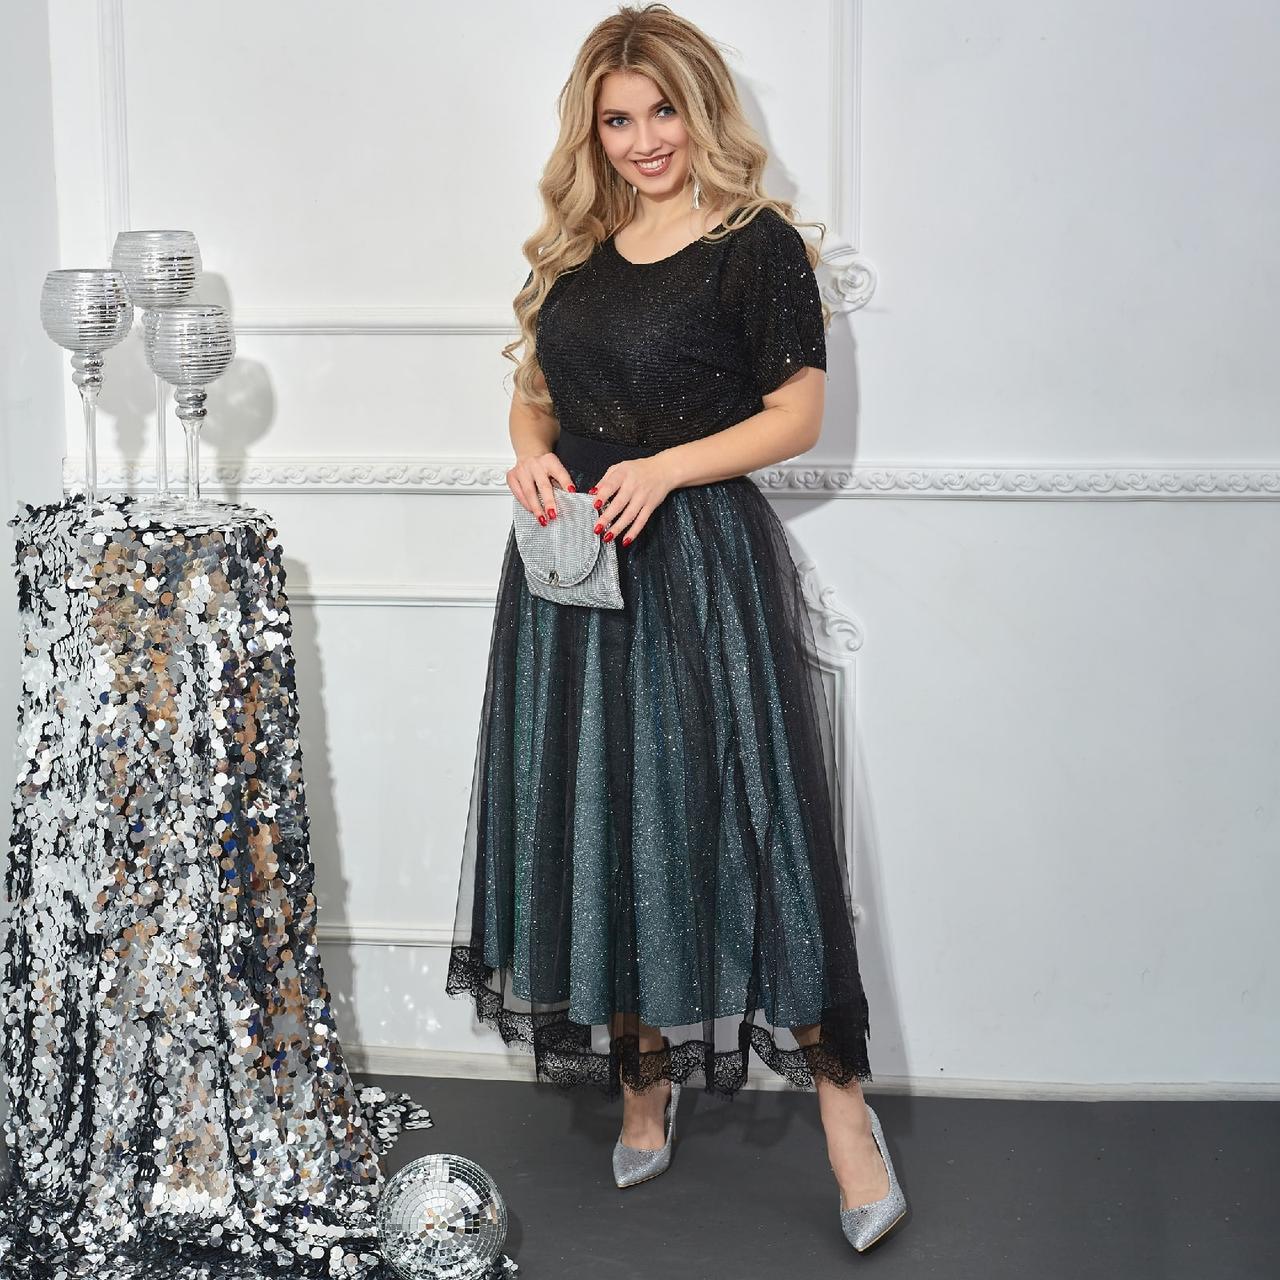 Нарядное платье женское Евросетка и трикотаж  с напылением Размер 46 48 50 52 54 56 58 60 Три цвета